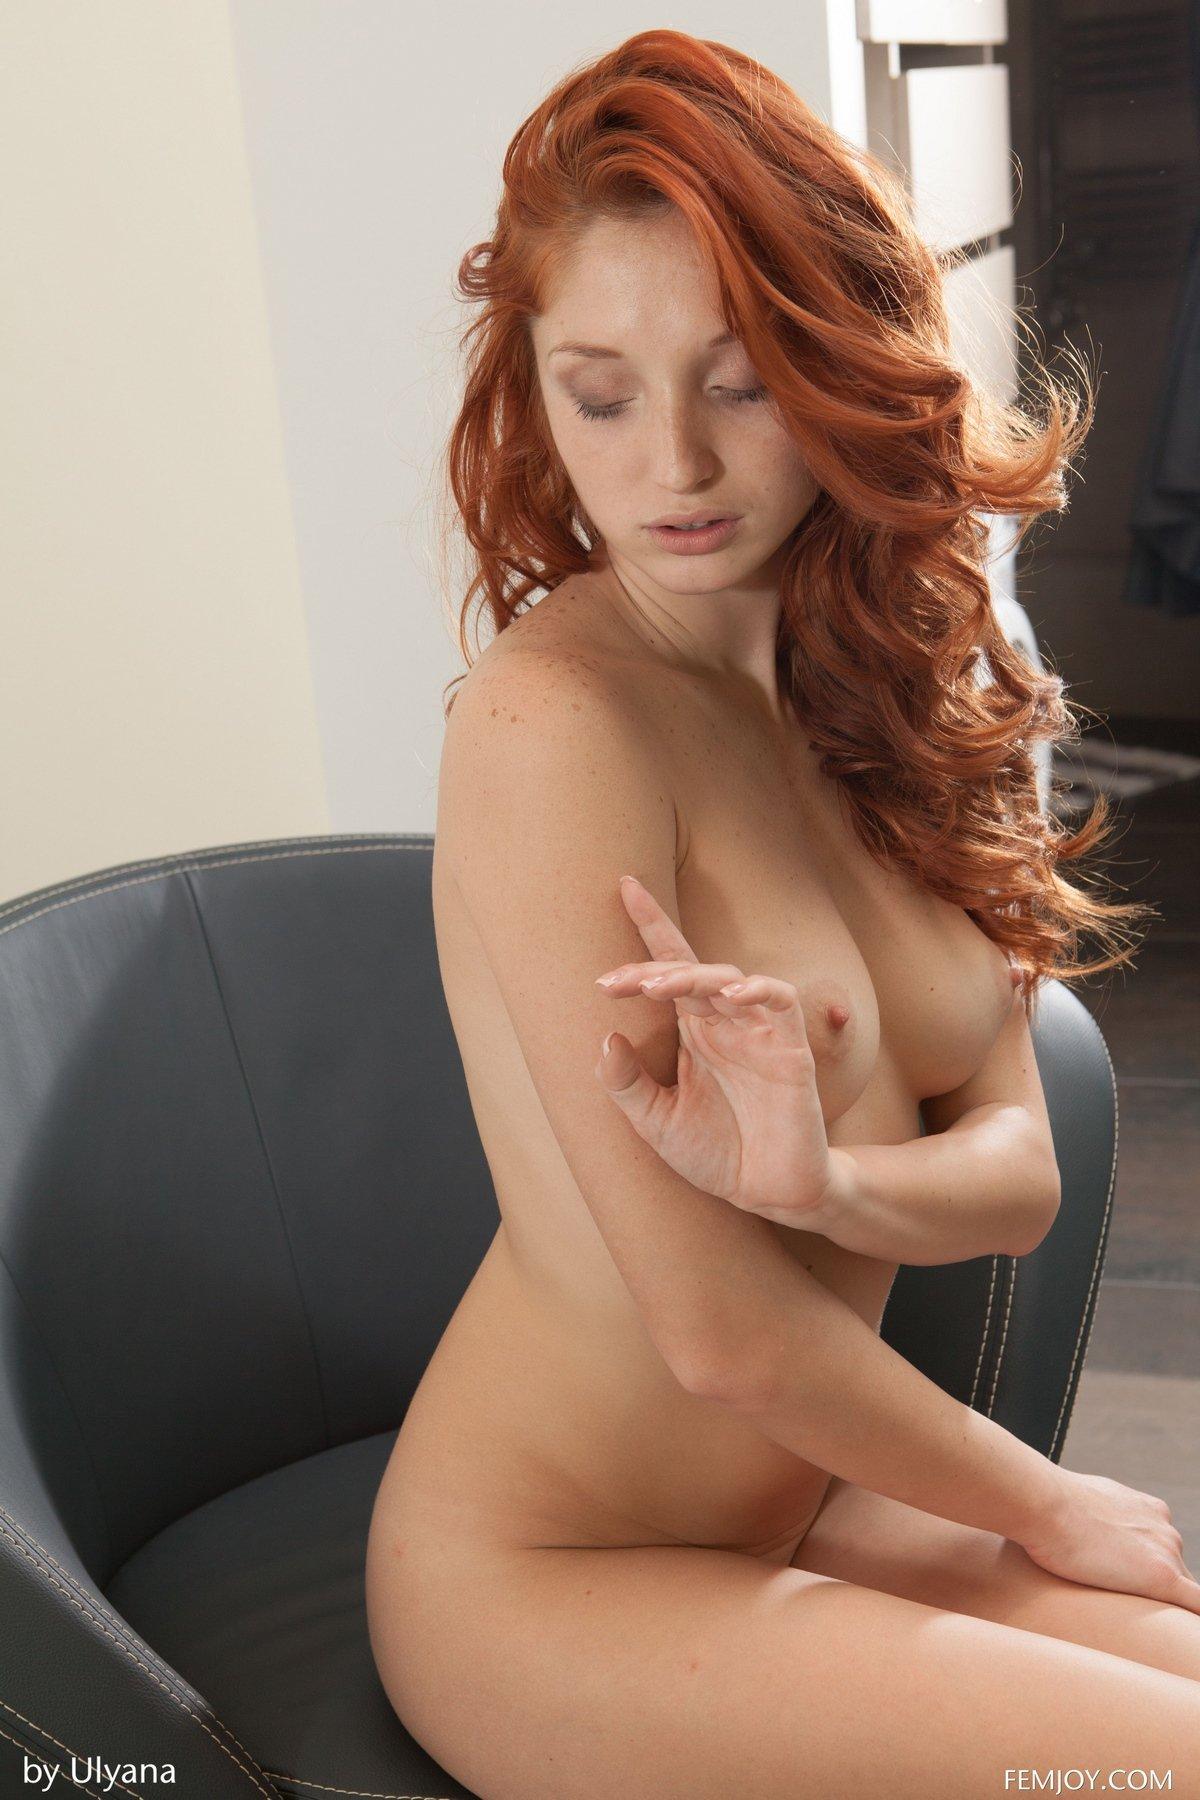 Сексуальная девушка с рыжими волосами в кожаном кресле